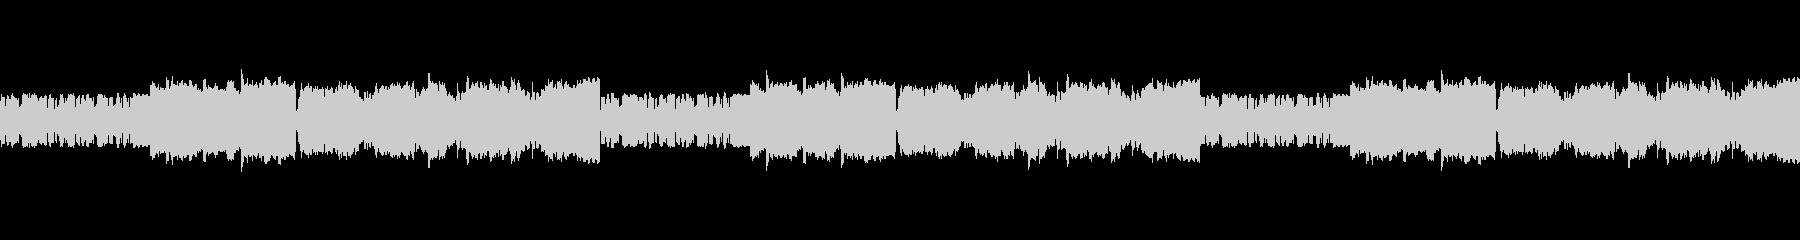 ファミコン音源の旋律が印象的なバラードの未再生の波形